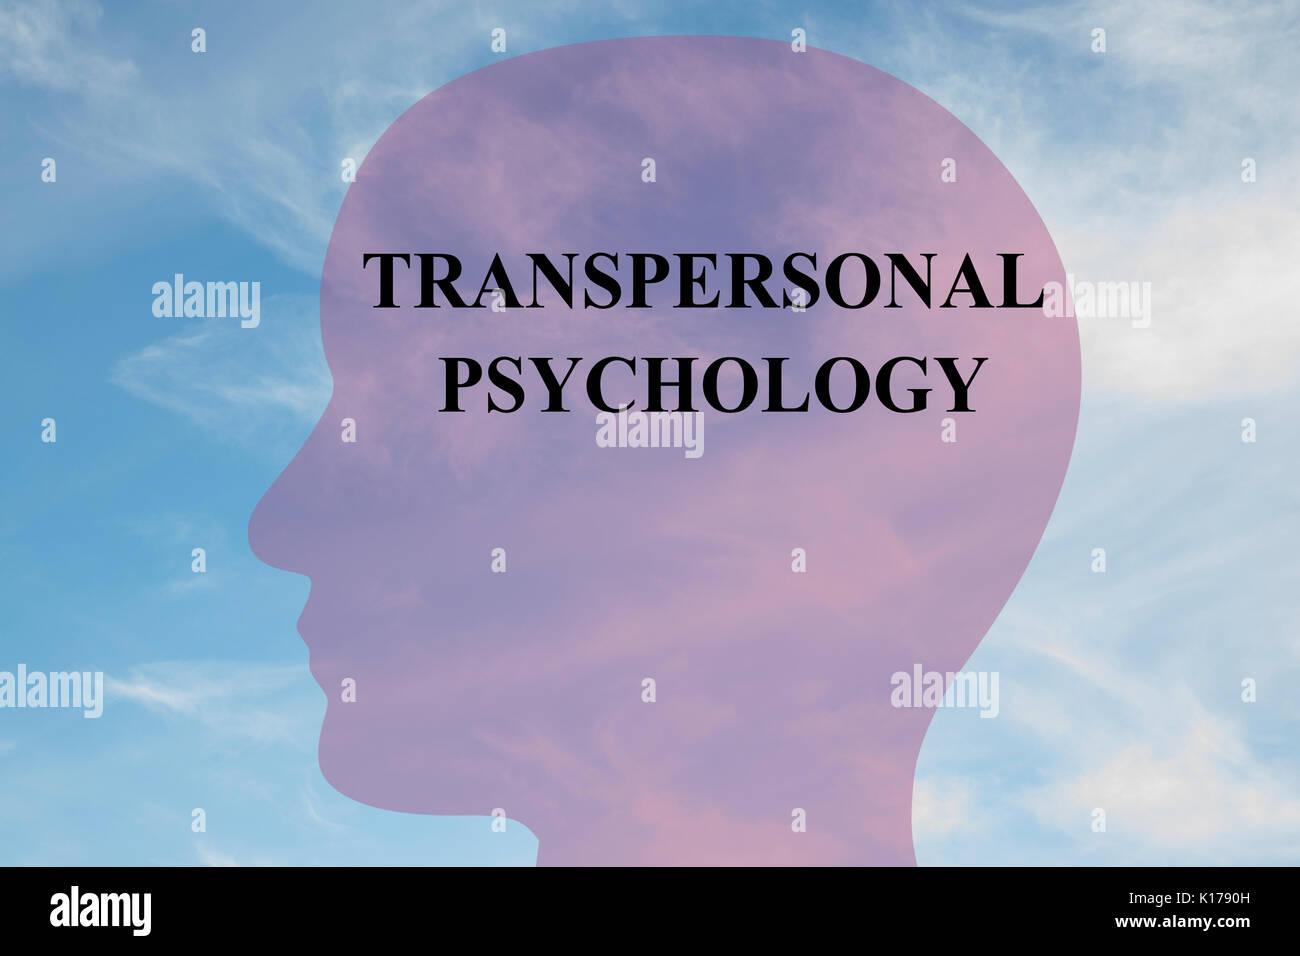 """Il rendering di illustrazione di """"psicologia transpersonale """" script sulla silhouette di testa, con cielo nuvoloso come sfondo. Umano concetto mentale. Immagini Stock"""